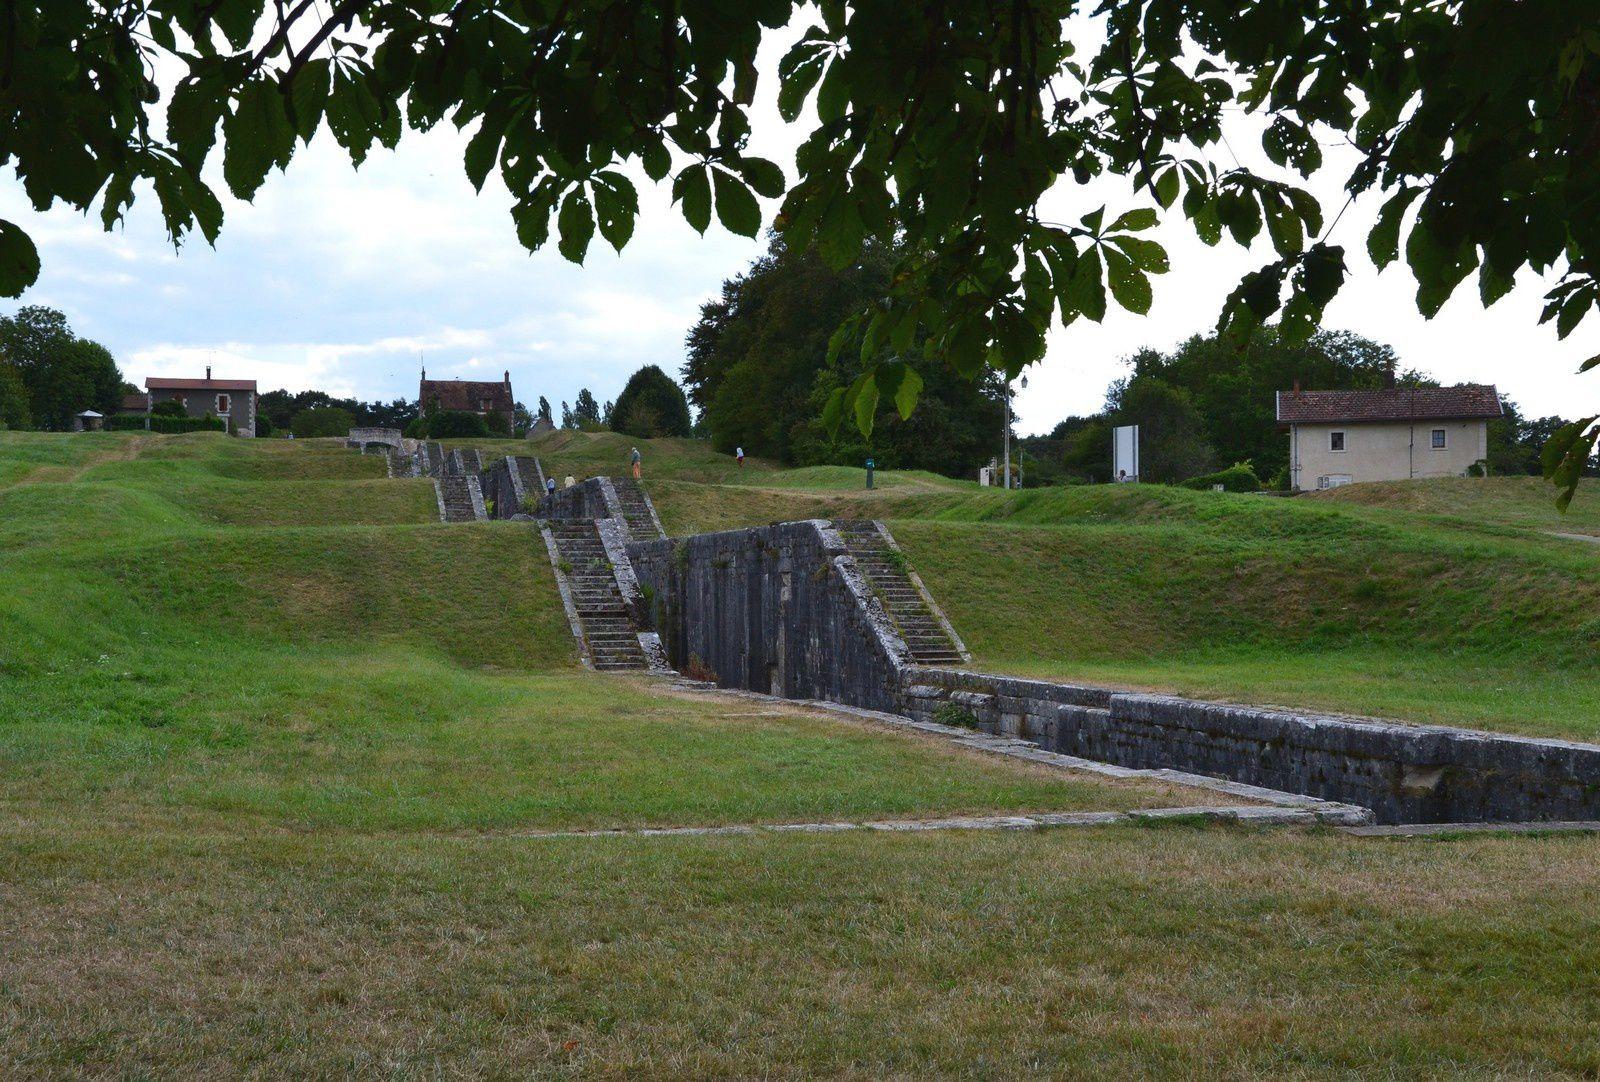 Les 7 écluses - Yonne